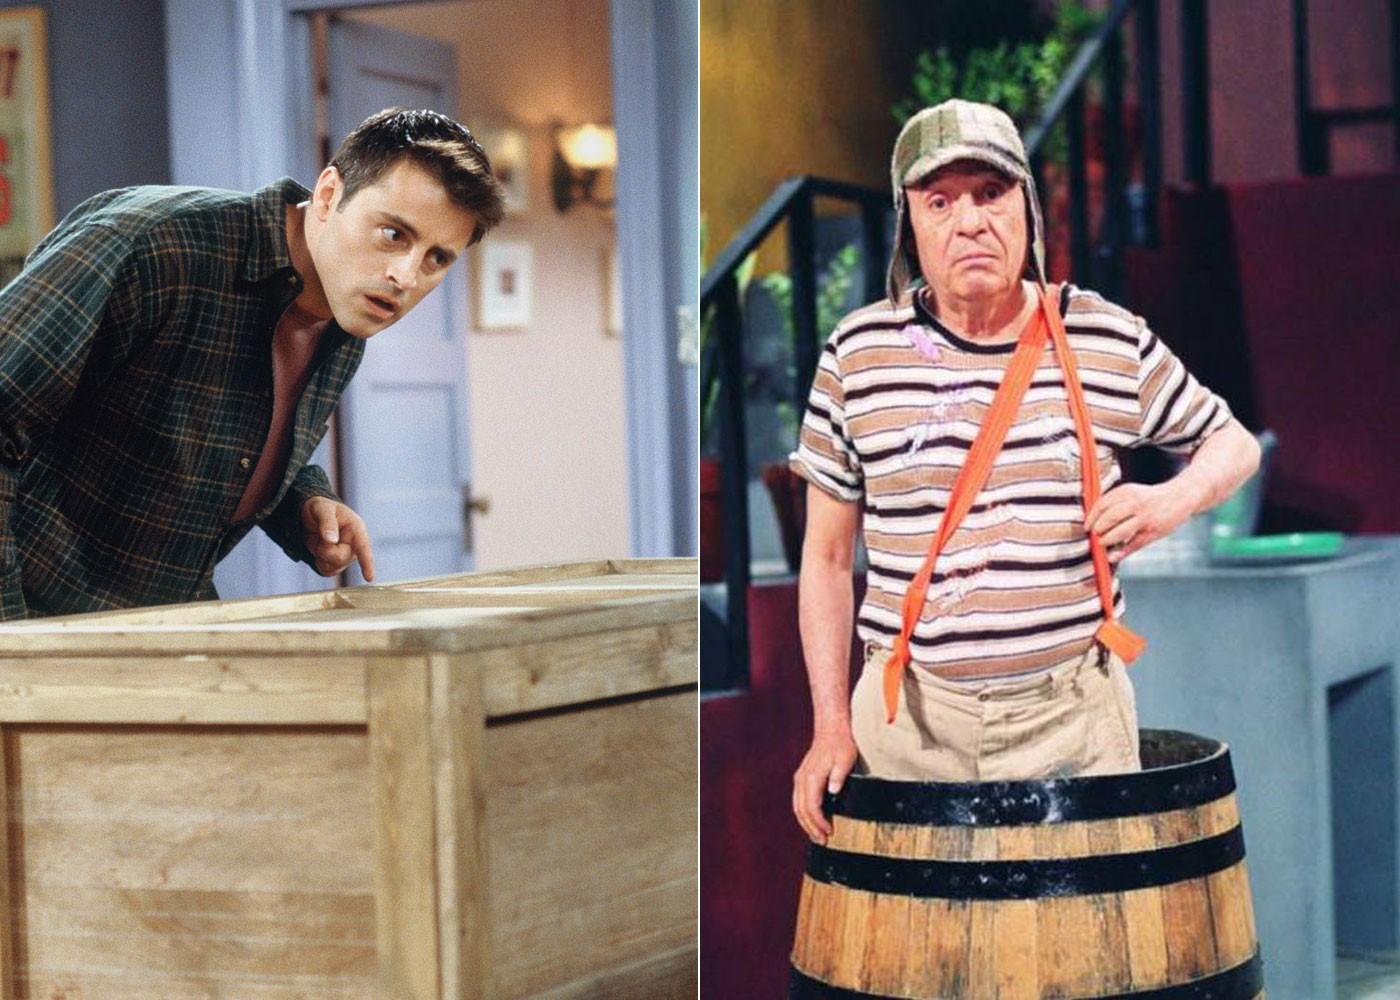 O que 'Friends' e 'Chaves' têm em comum? Clássicos do humor são reconfortantes e desligam cérebro  - Notícias - Plantão Diário